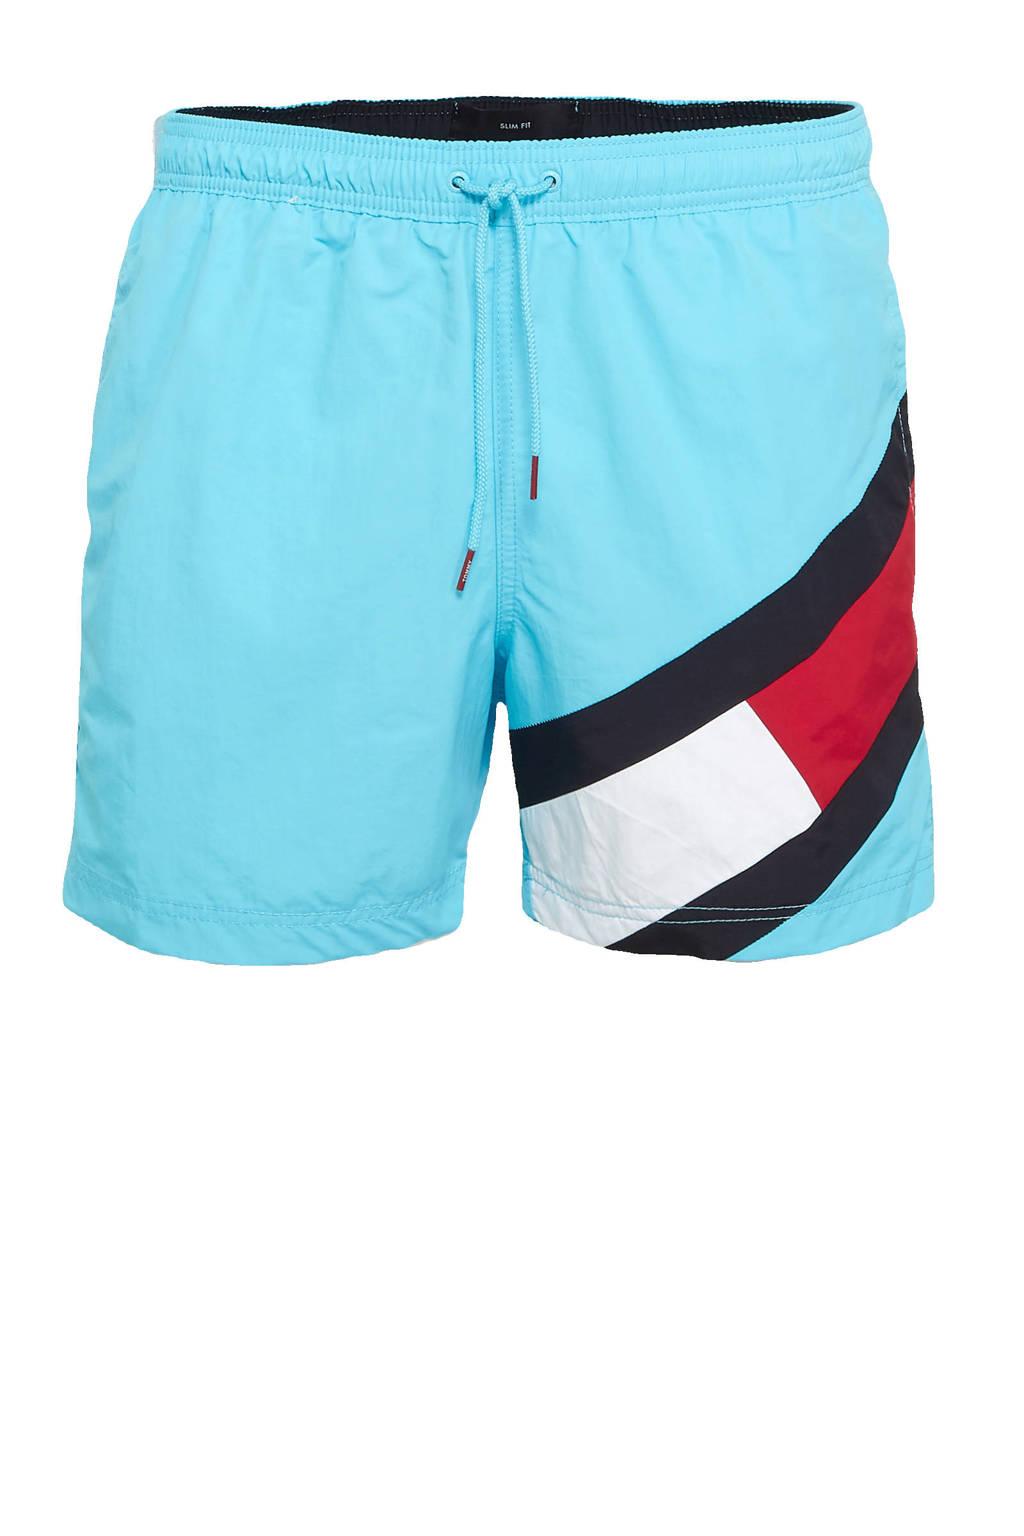 Tommy Hilfiger zwemshort lichtblauw, Lichtblauw